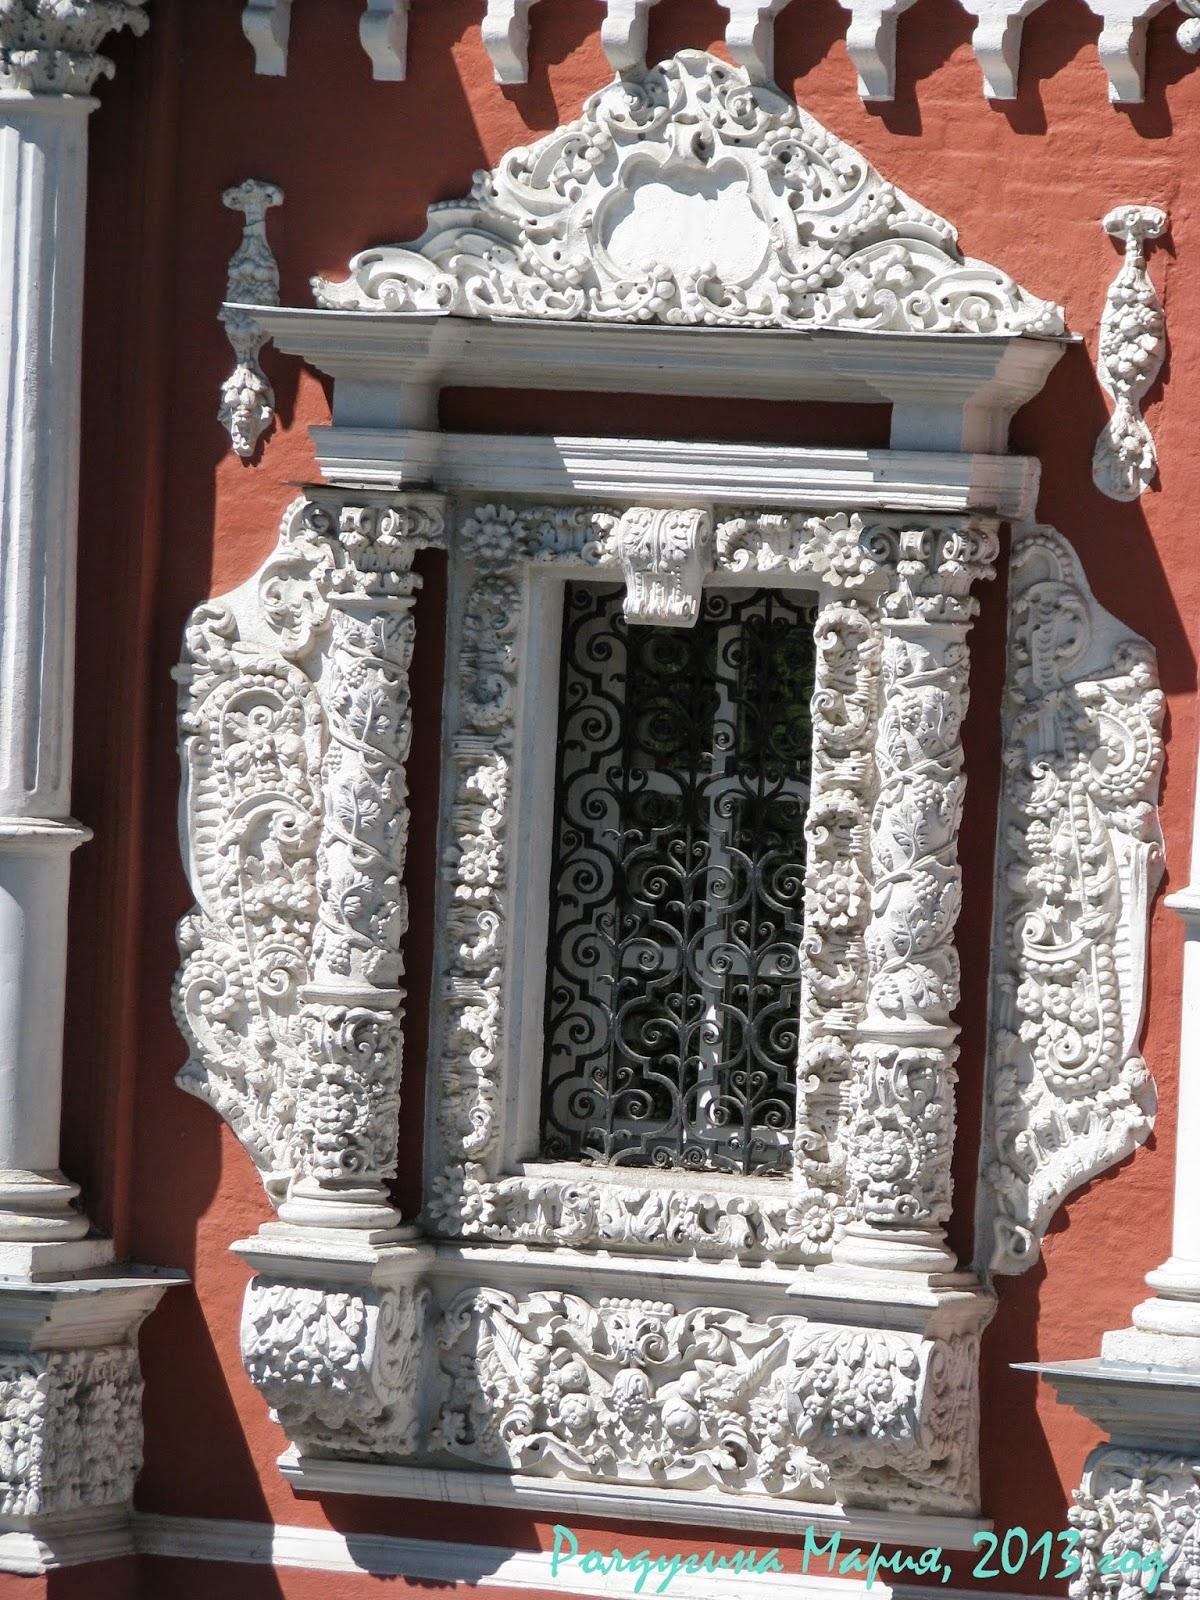 Нижний Новгород строгановский стиль